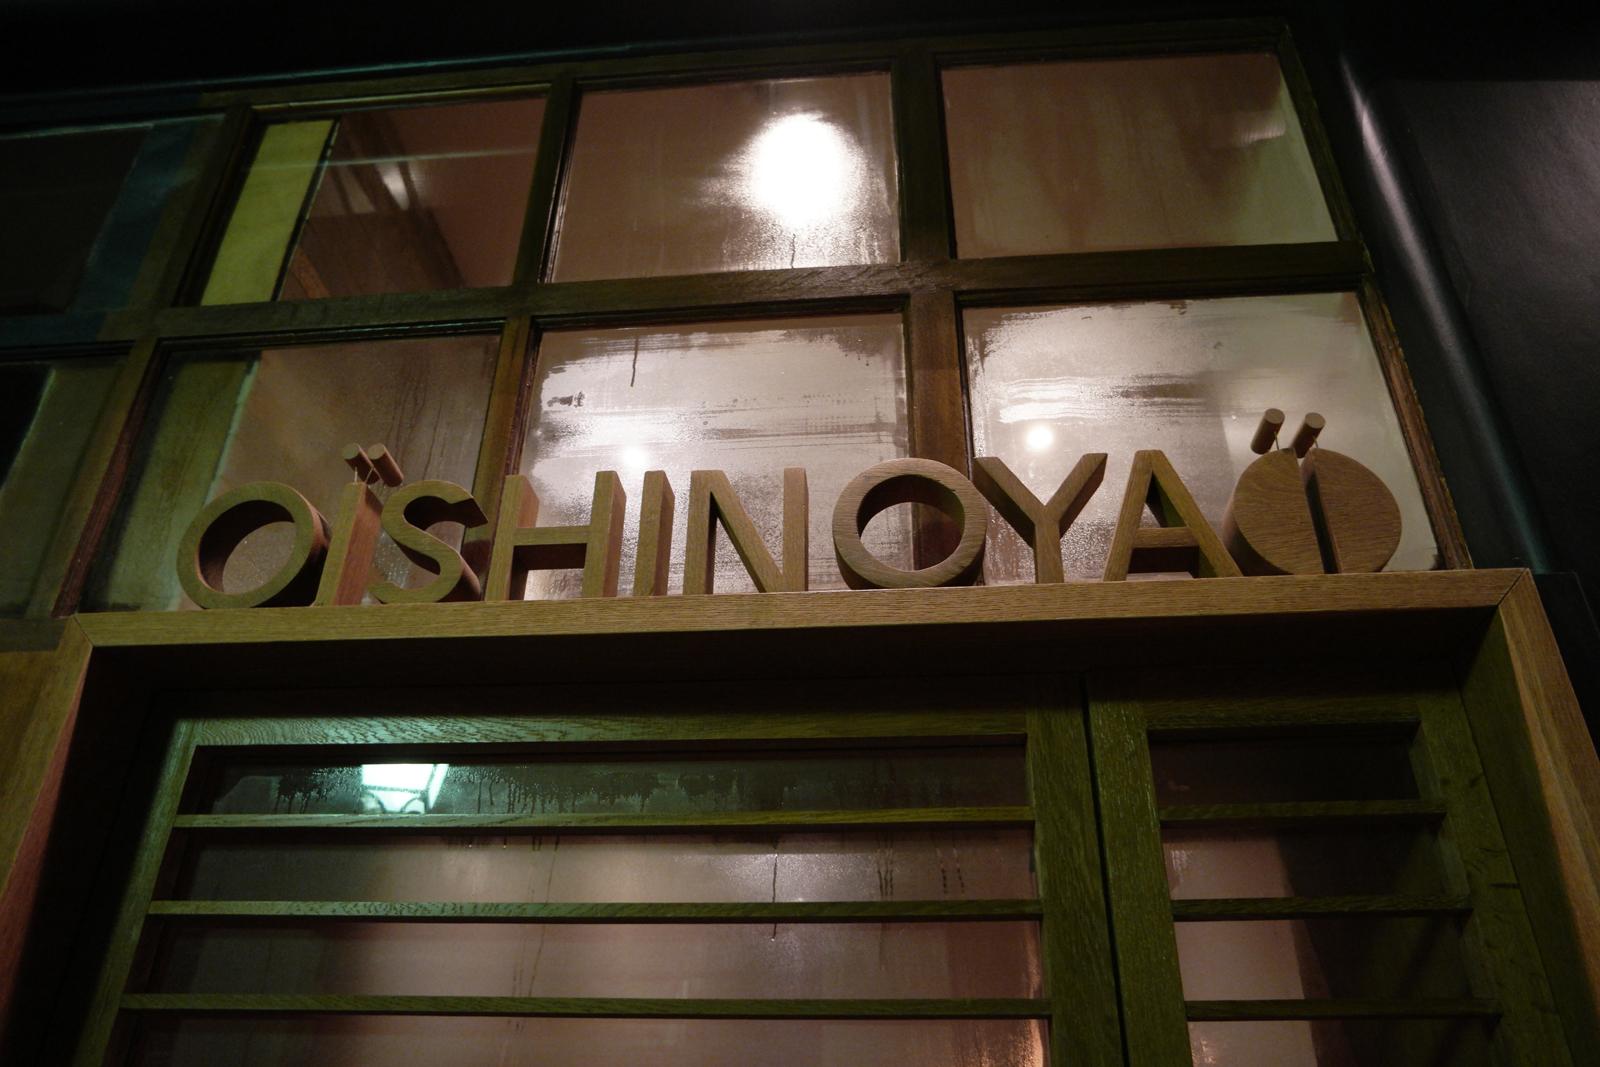 Restaurant o shinoya paris le gyudon en majest - Restaurant japonais table tournante paris ...